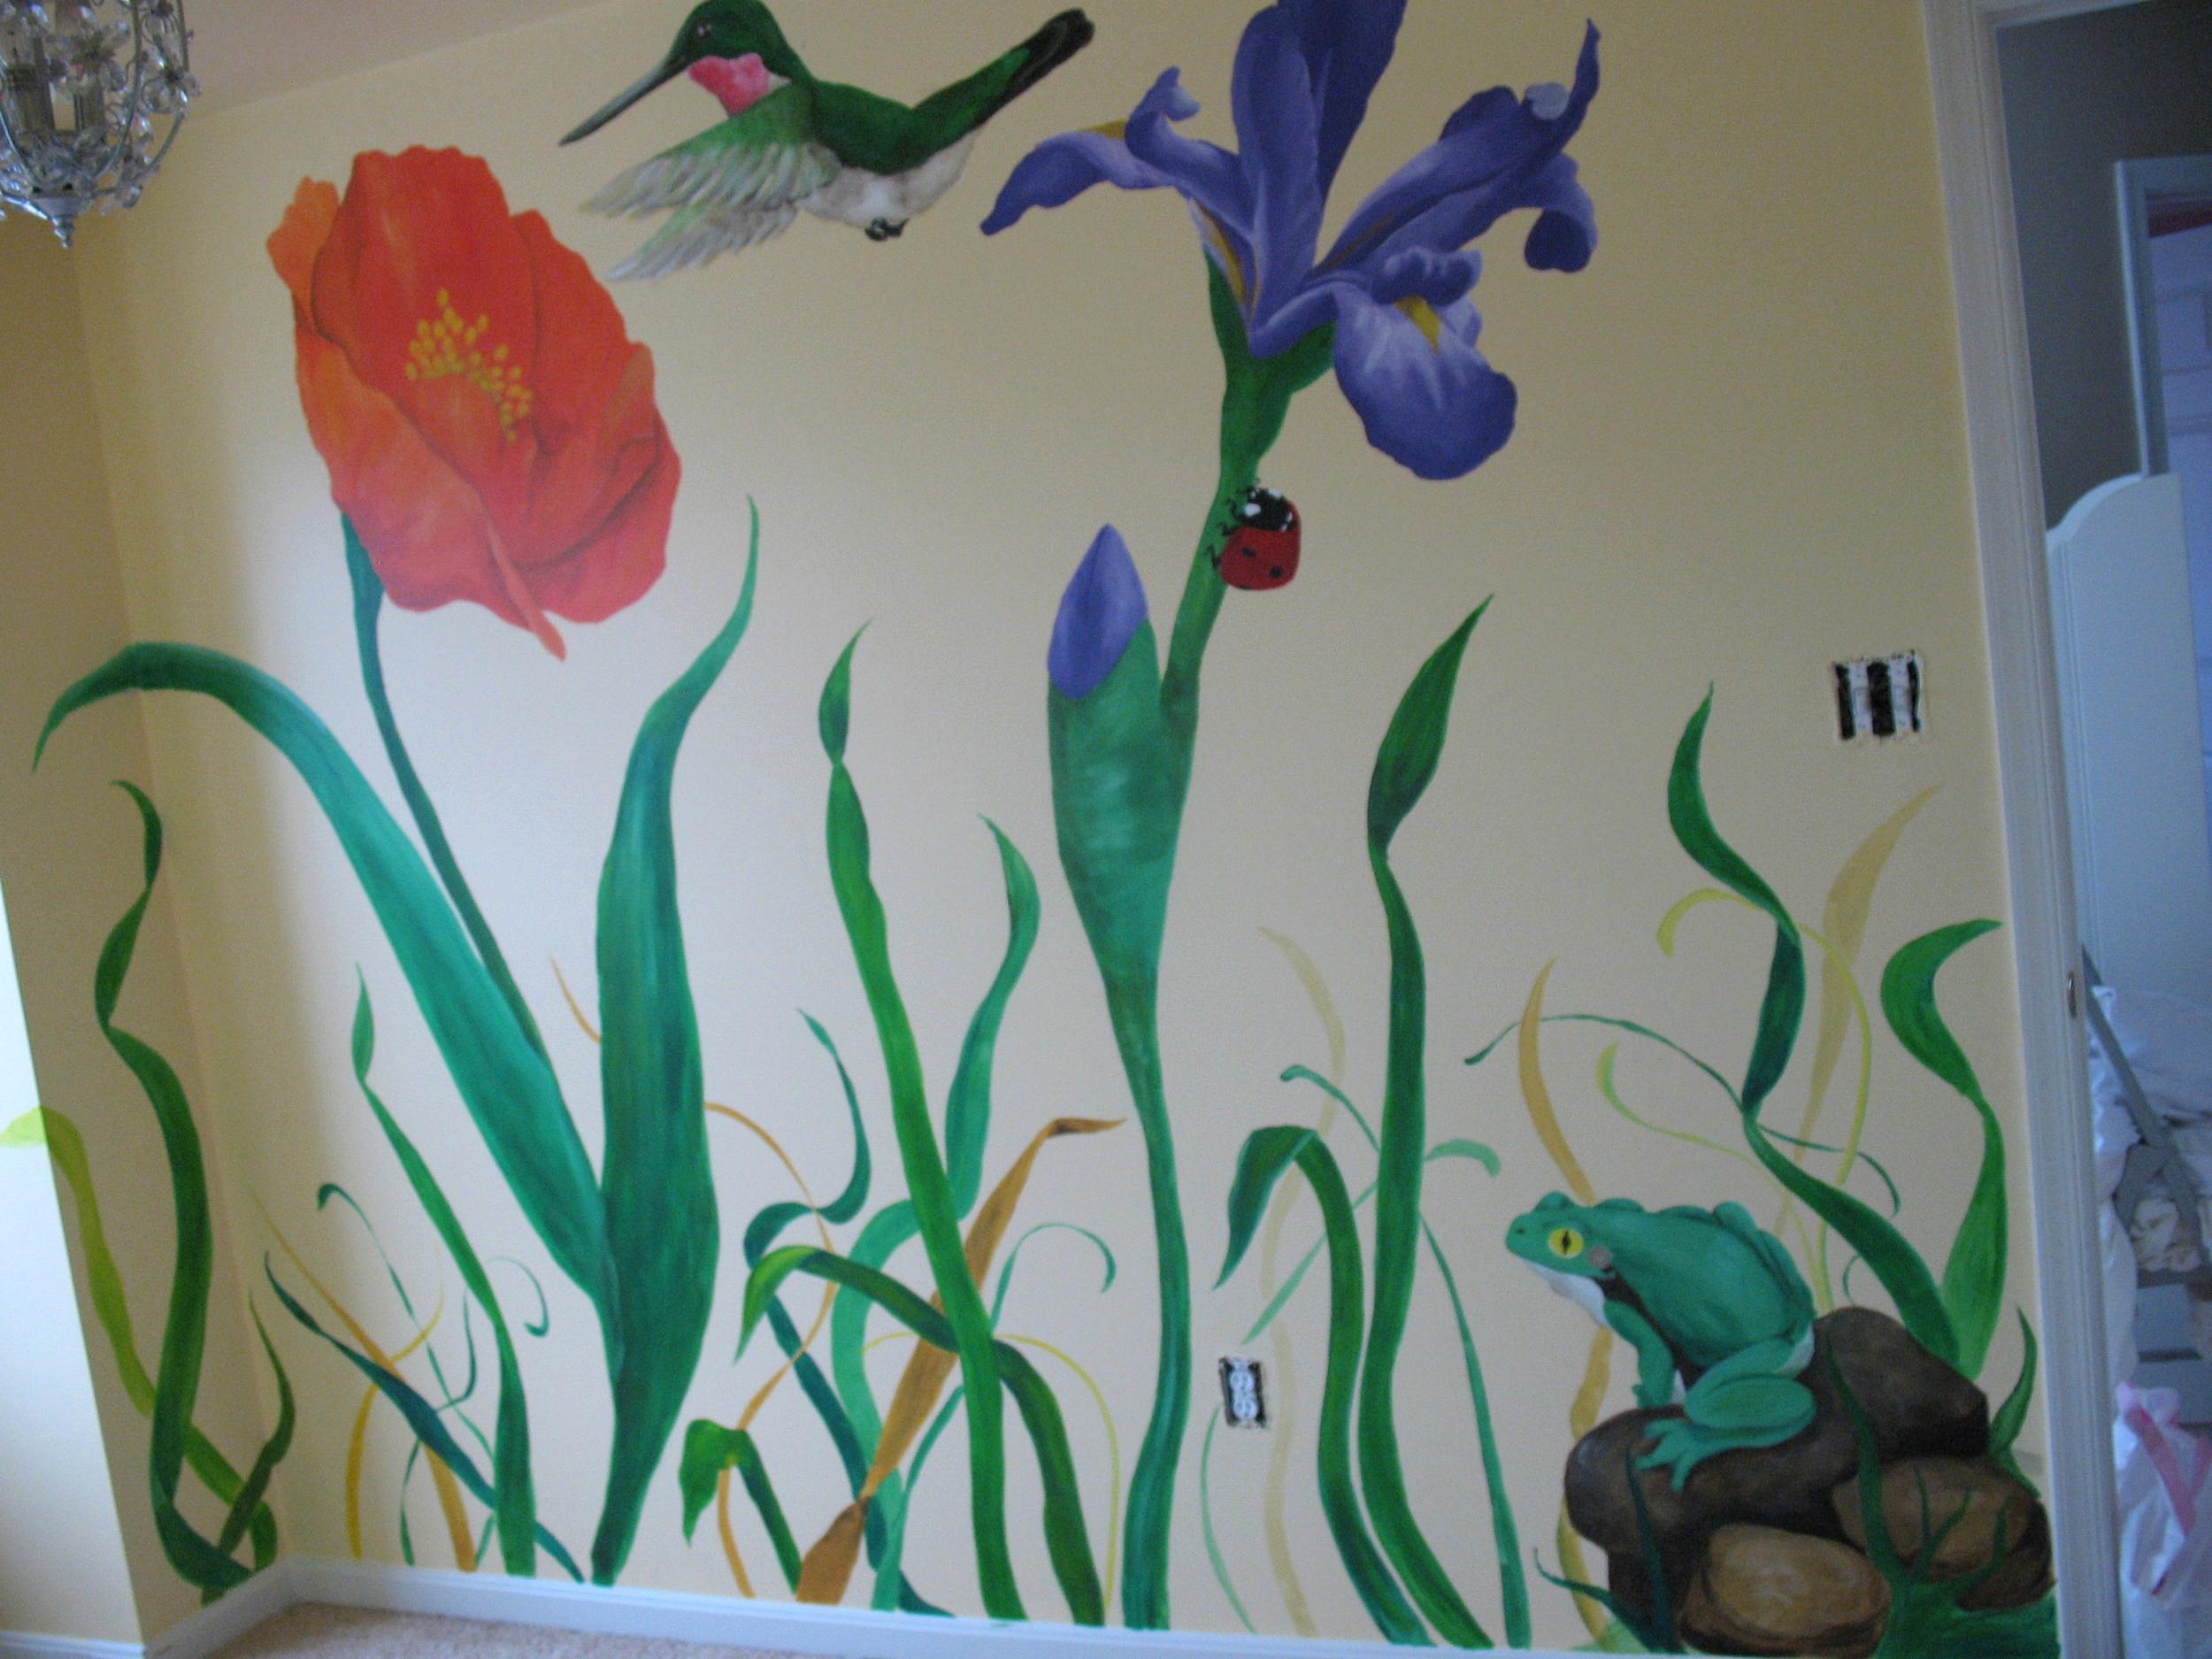 mural-flowers 038.jpg